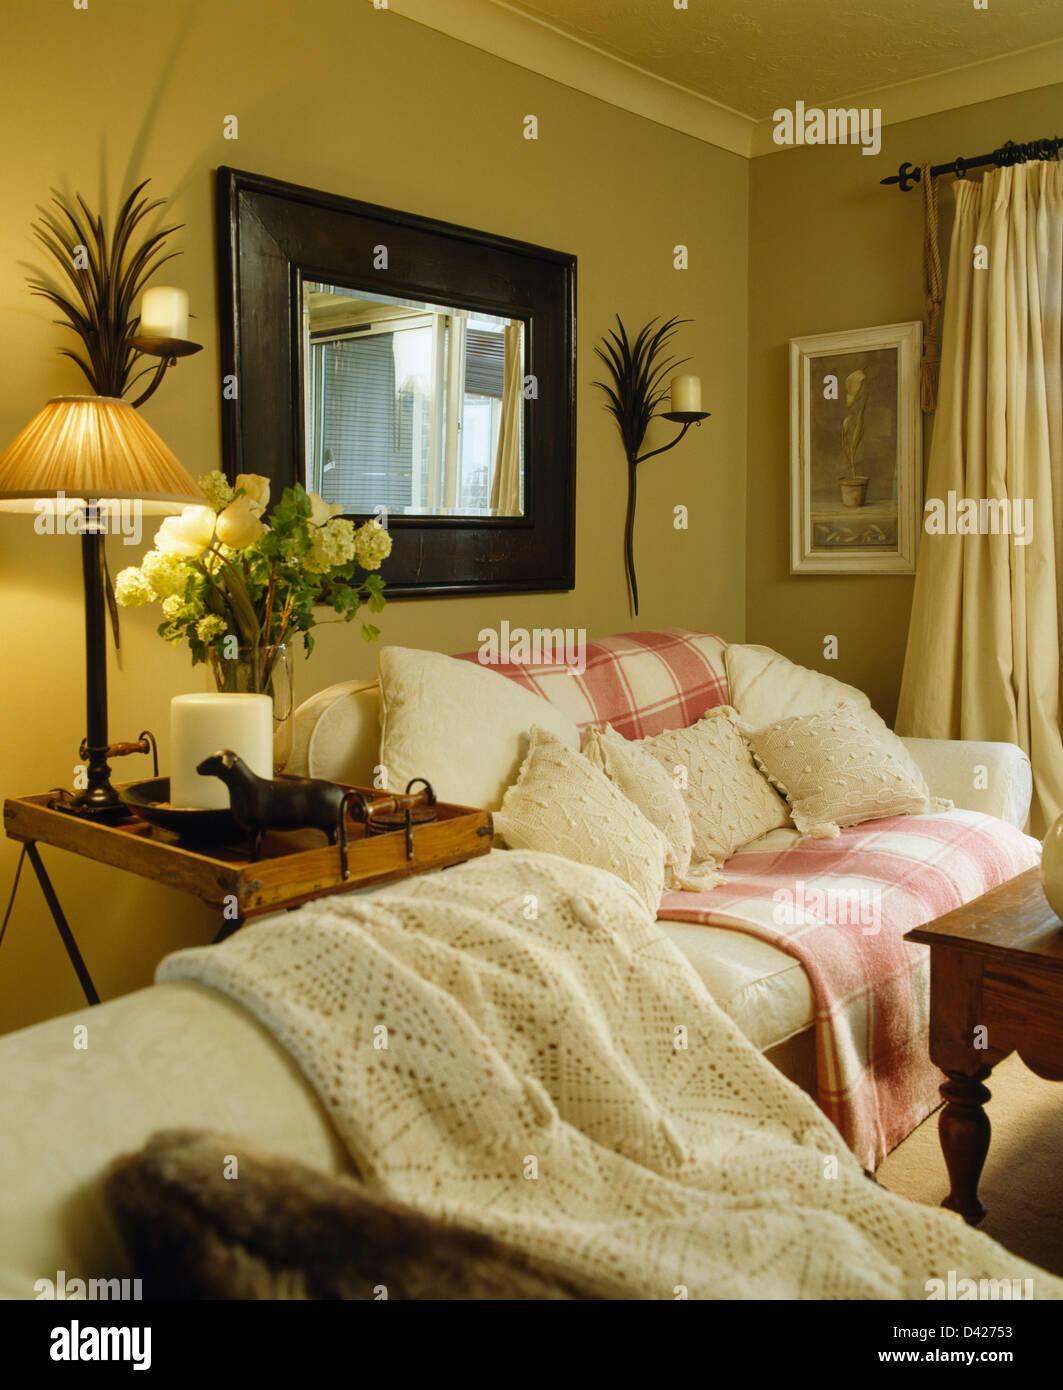 Grosse Spiegel Ber Creme Sofa Mit Rosa Weisse Wurf In Ocker Wohnzimmer Metall Palm Wandleuchter Und Beleuchteten Lampe Auf Tisch